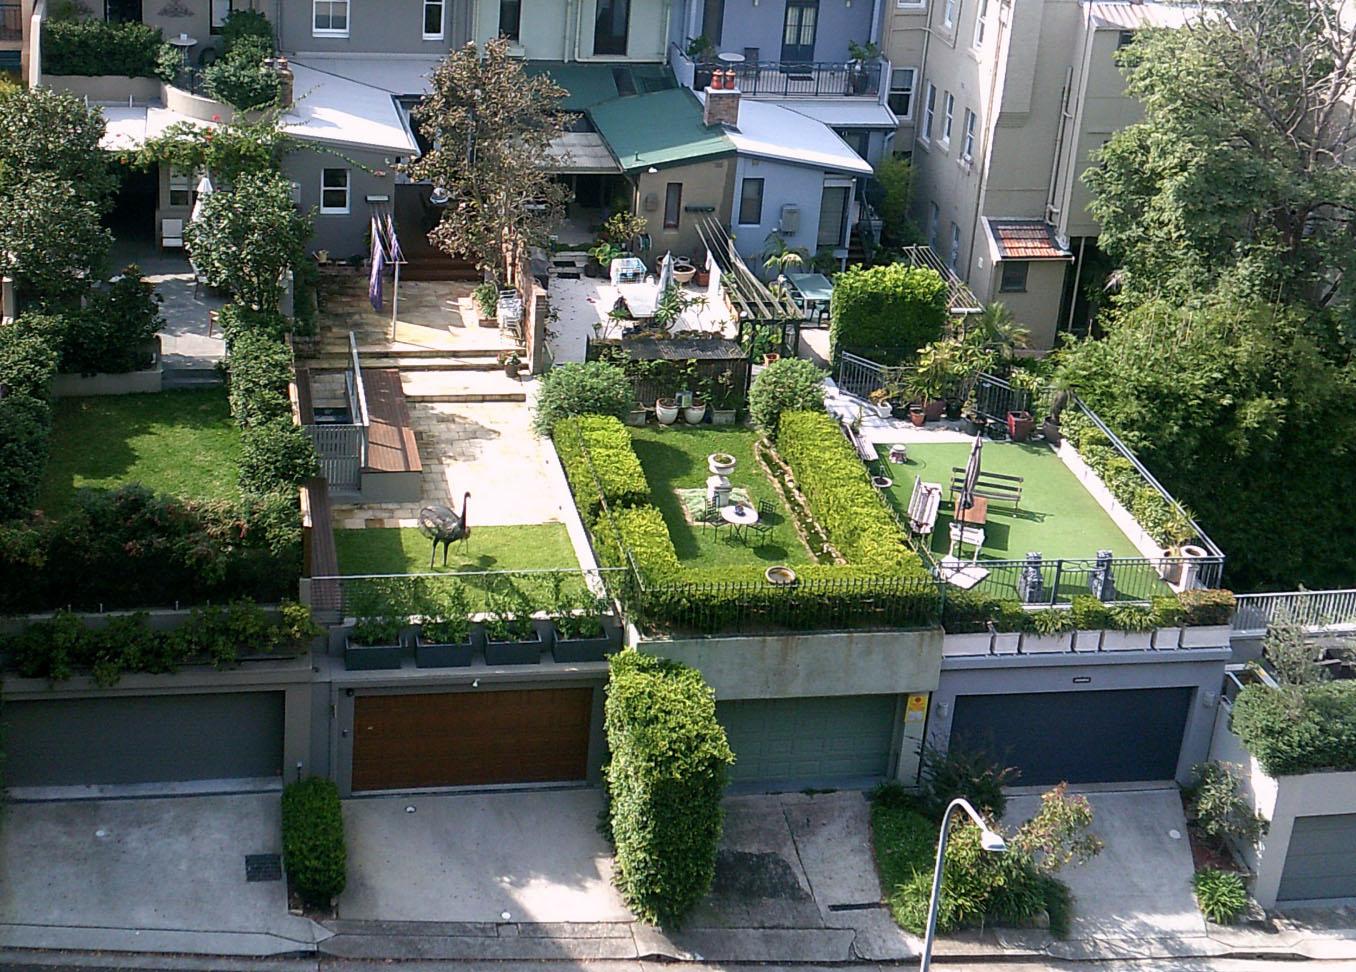 Dachgarten | Garten Straten